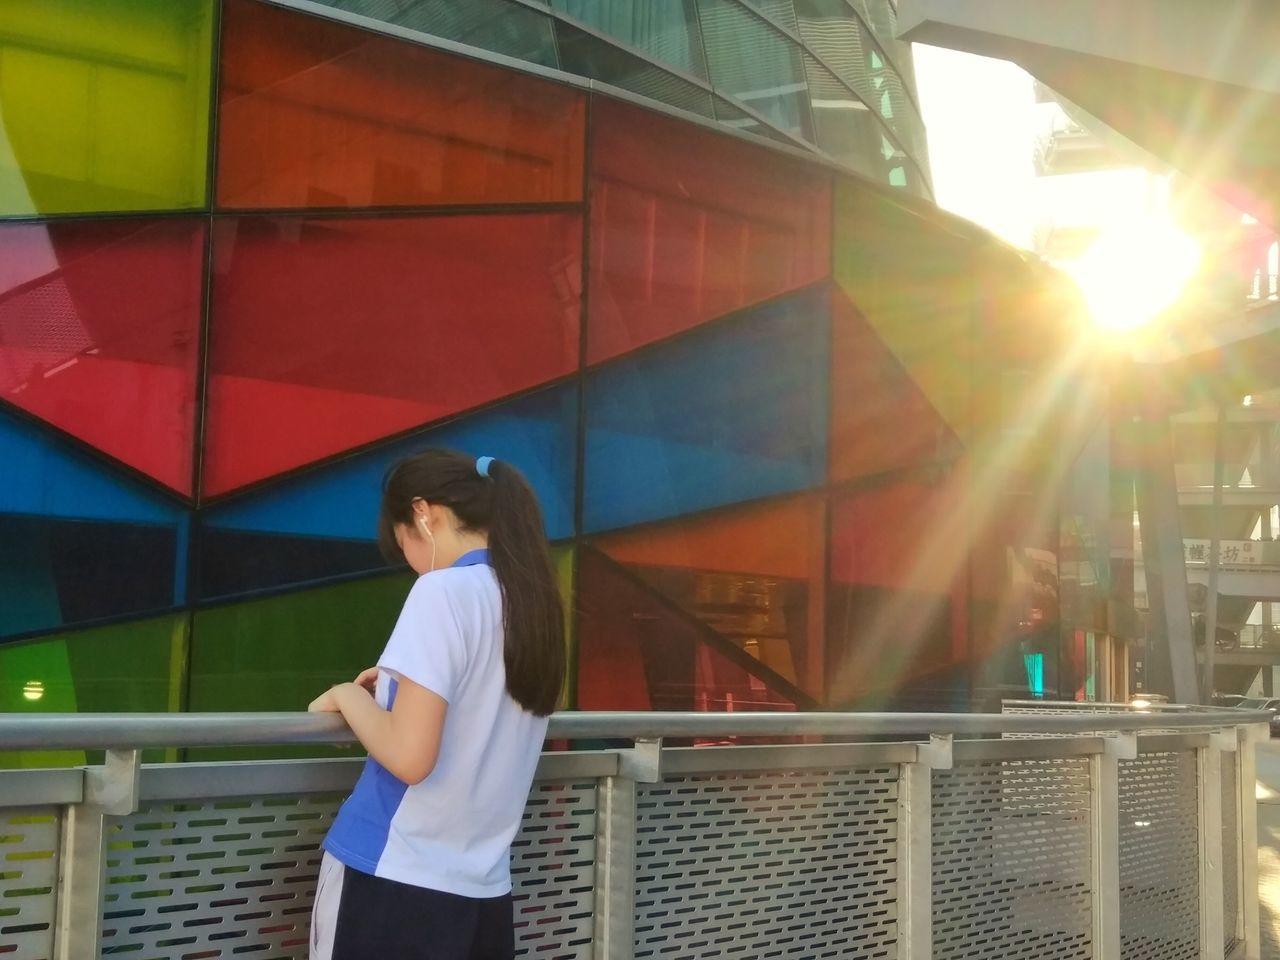 阳光下 Real People One Person Lifestyles Leisure Activity Standing Day Outdoors Architecture